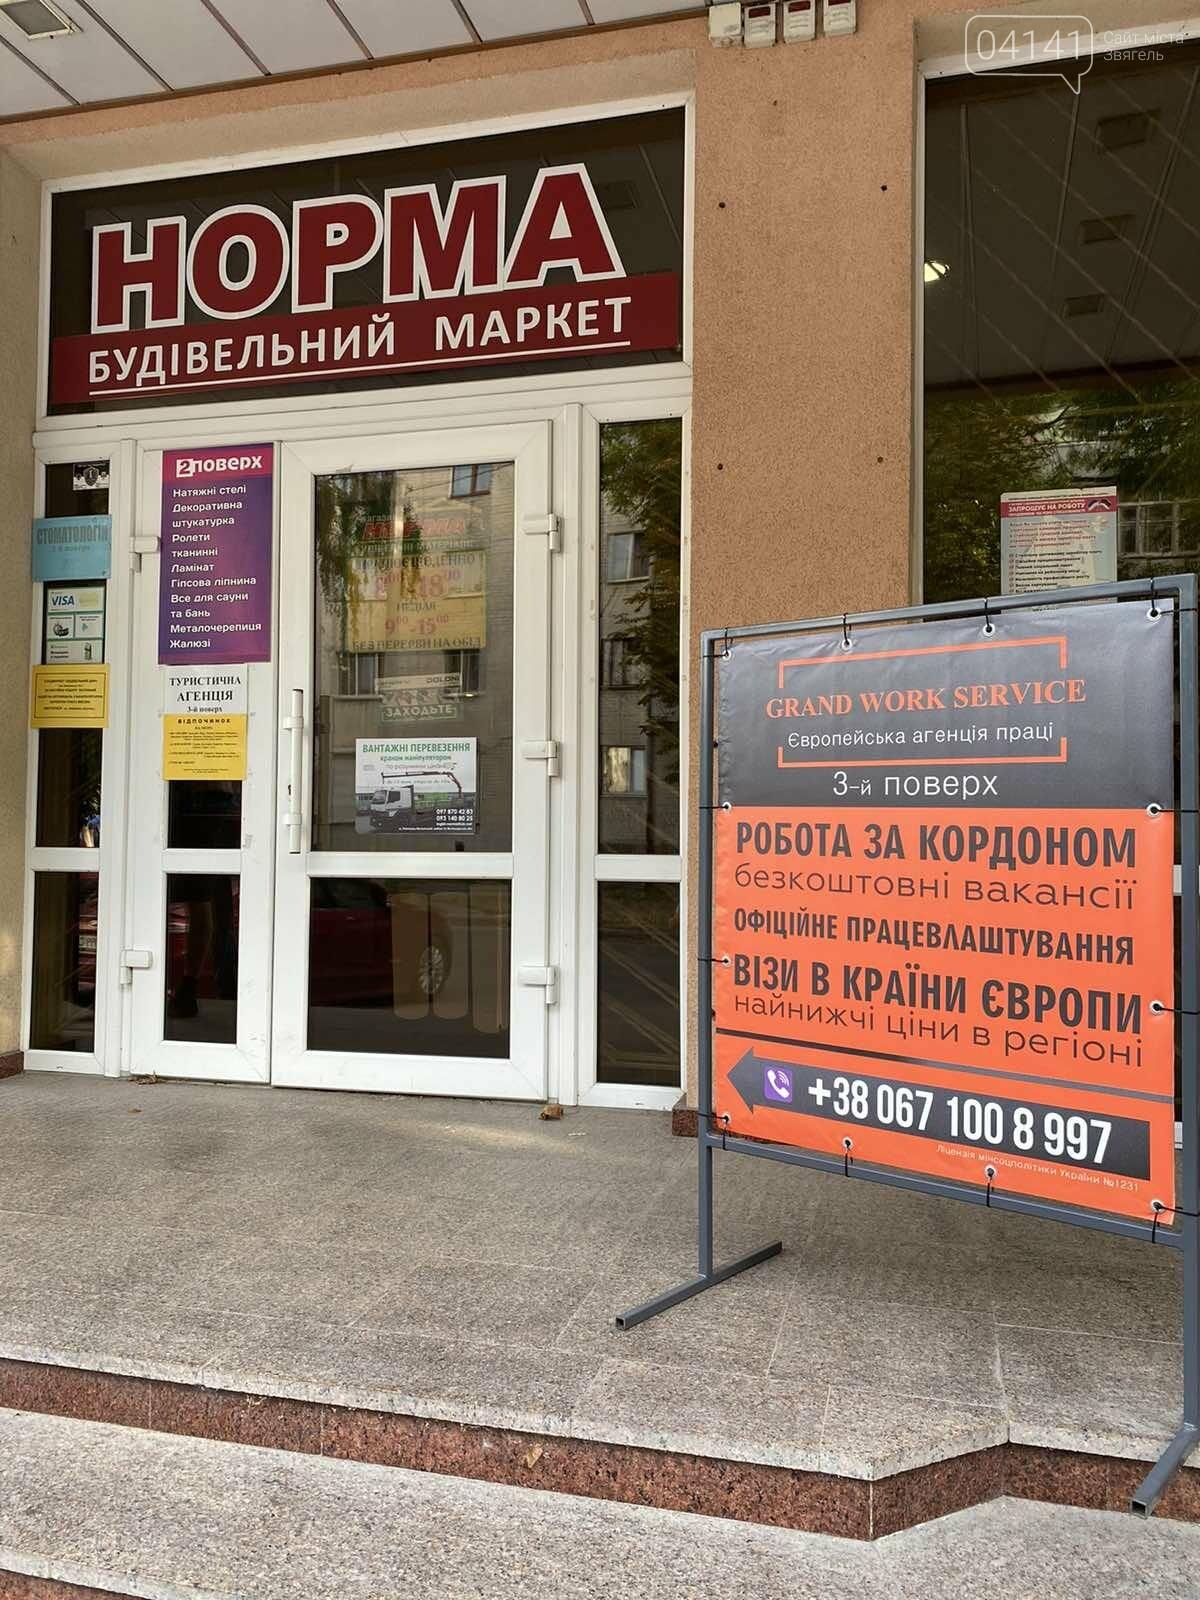 У Новограді відкрилася філія європейської агенції праці, фото-3